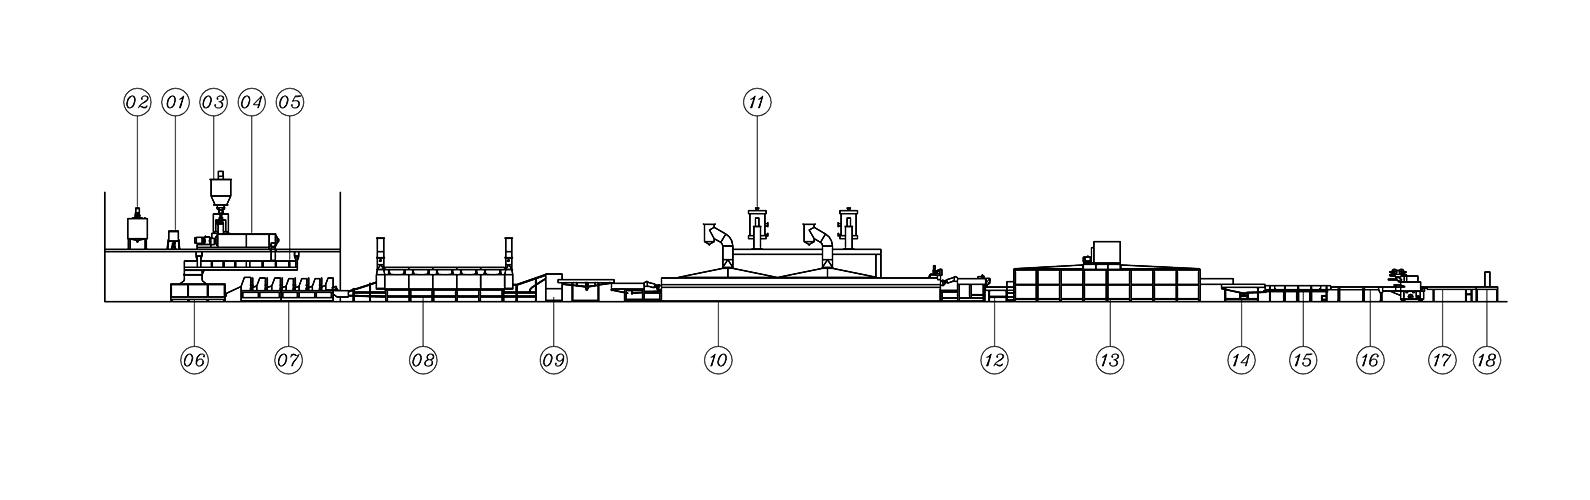 Высокоскоростная автоматическая линия по производству лапши быстрого приготовления (сложенная лапша) - ЛТИ-900 | Автоматическая линия по производству лапши быстрого приготовления_Сложенная лапша